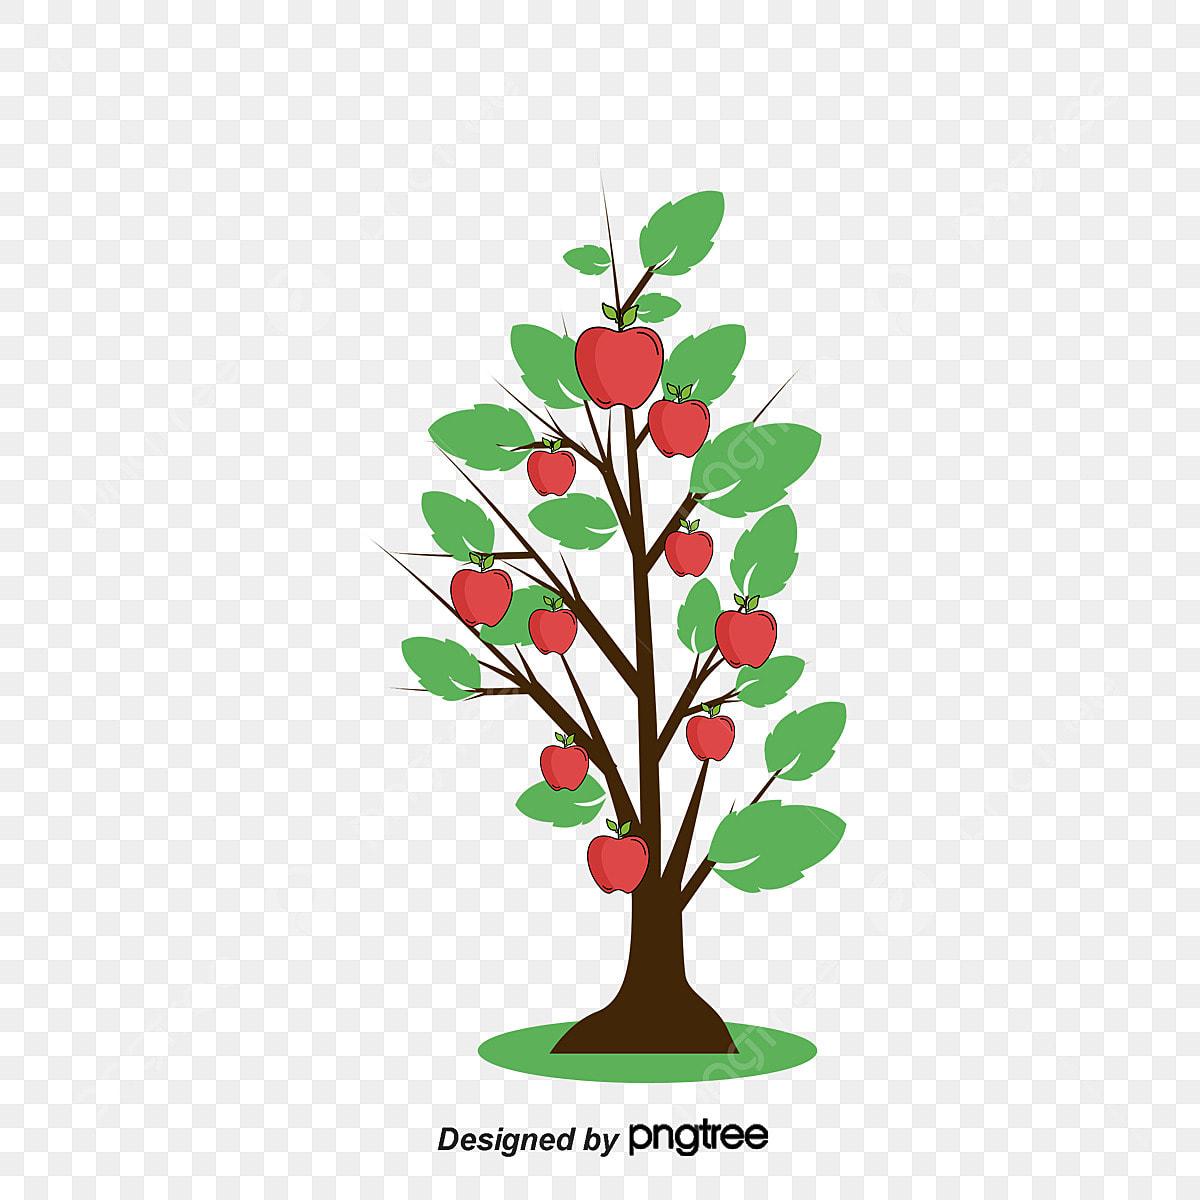 كيفية رسم شجرة العائلة كبيرة - Shajara